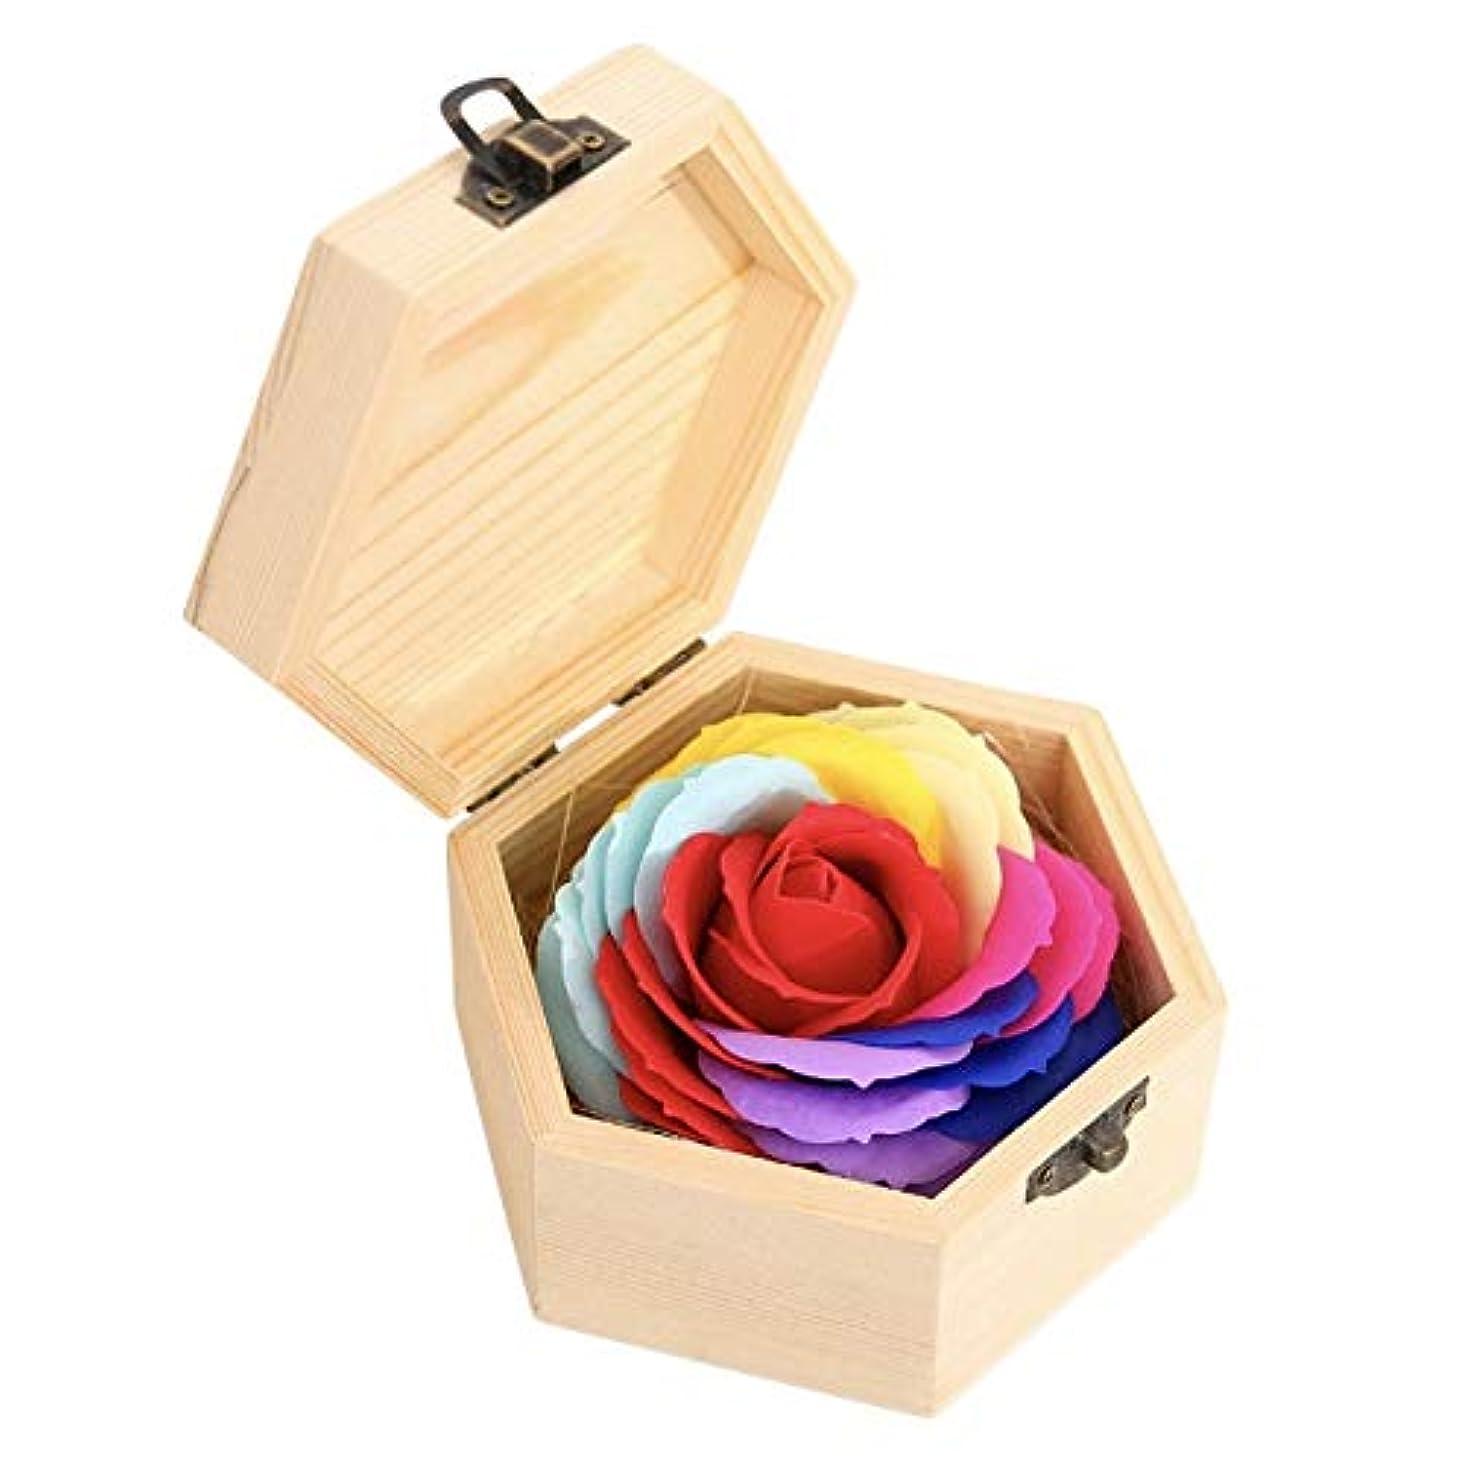 国勢調査乱す打ち上げるタイガーリー。 バスソープ 花 バラ クリエイティブギフト 木製ボックス付き パーティー用品